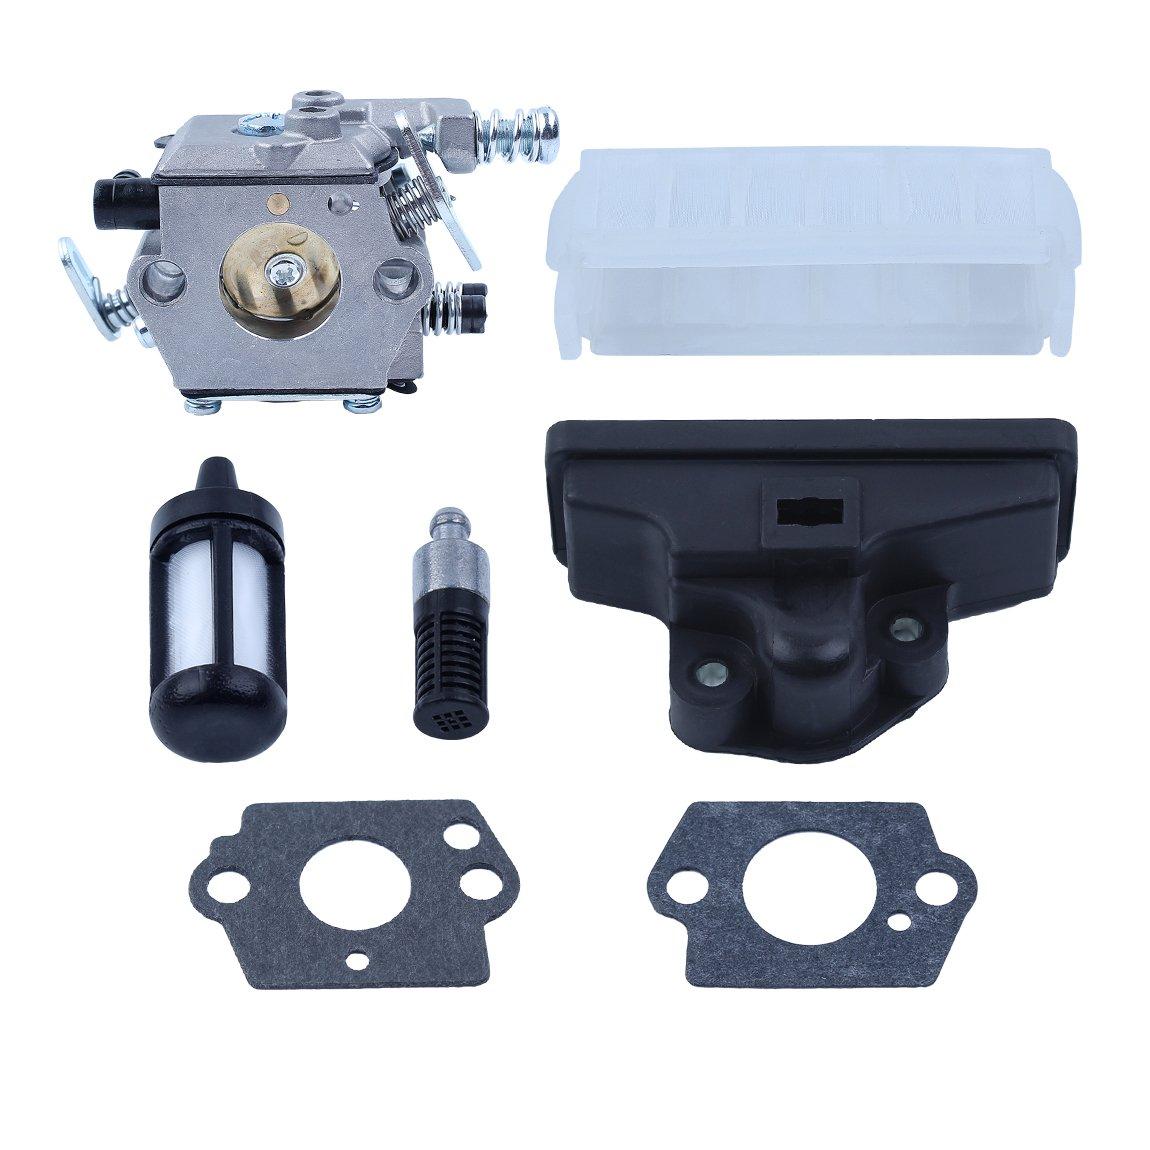 Haishine Carburateur Air Carburant Filtre /à Huile W//2PC Carb kit de Joints pour Stihl 021/023/025/MS210/MS230/MS250/tron/çonneuse de Remplacement de pi/èces de Rechange.